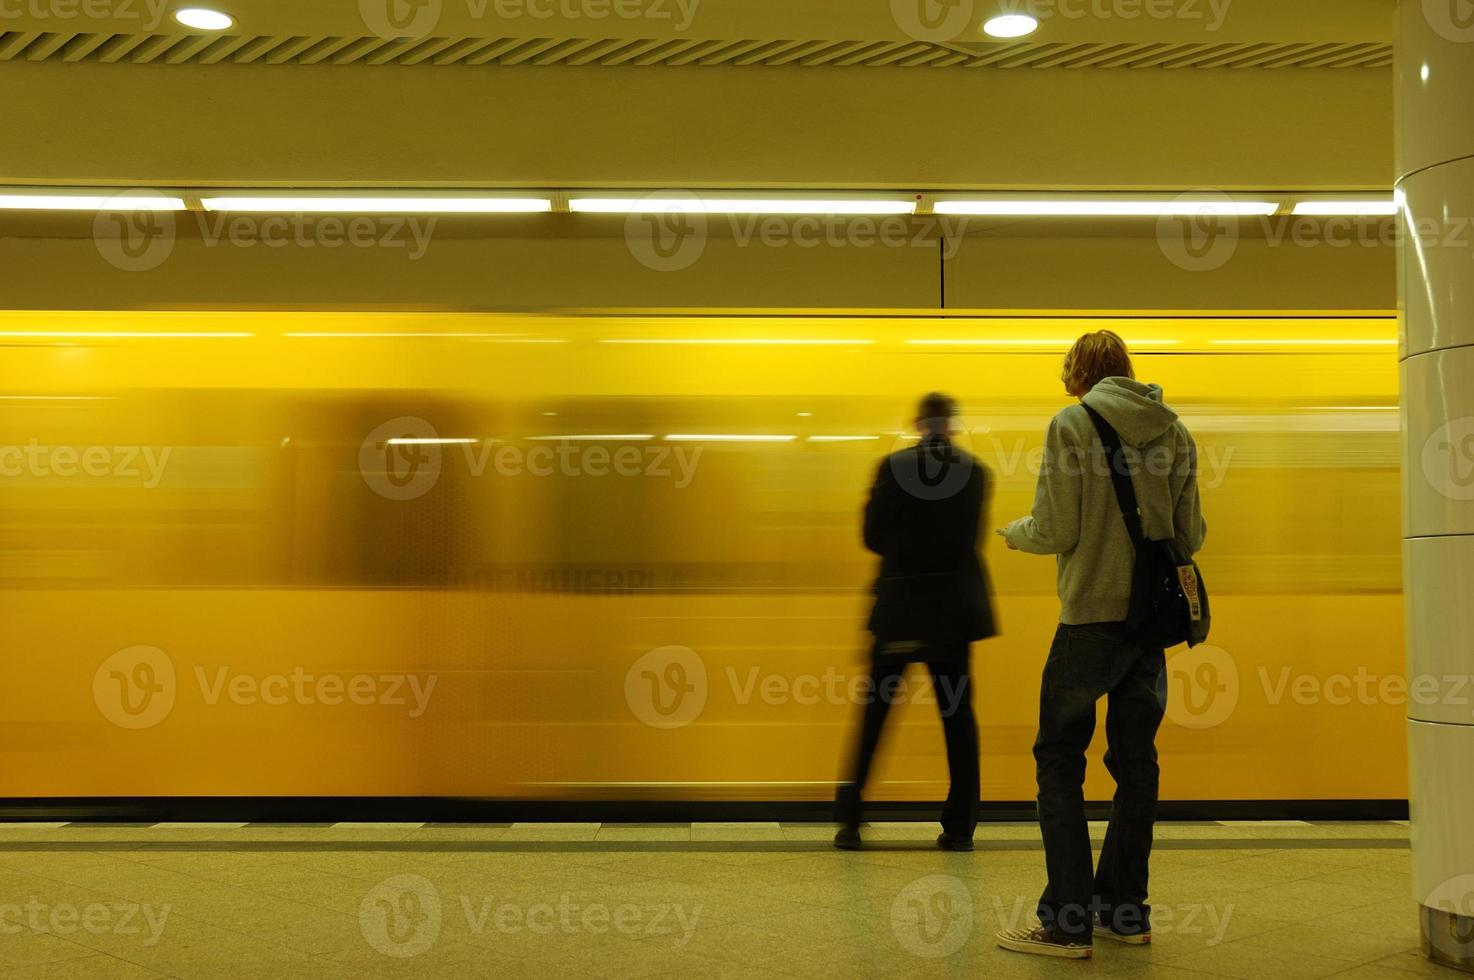 dans la station de métro photo